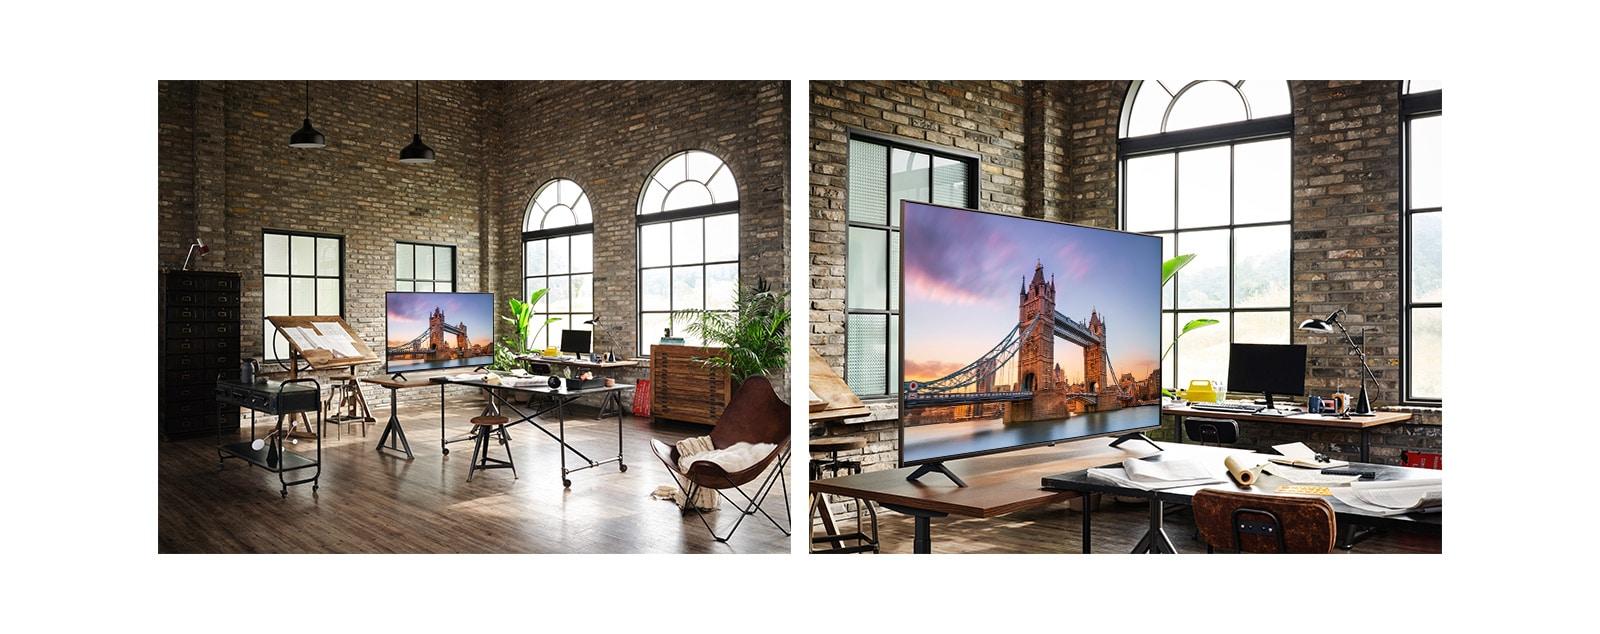 Un televisor que muestra una imagen del Puente de Londres se encuentra en un antiguo taller.  Un primer plano de un televisor que muestra una imagen del Puente de Londres está sobre una mesa en un antiguo taller.